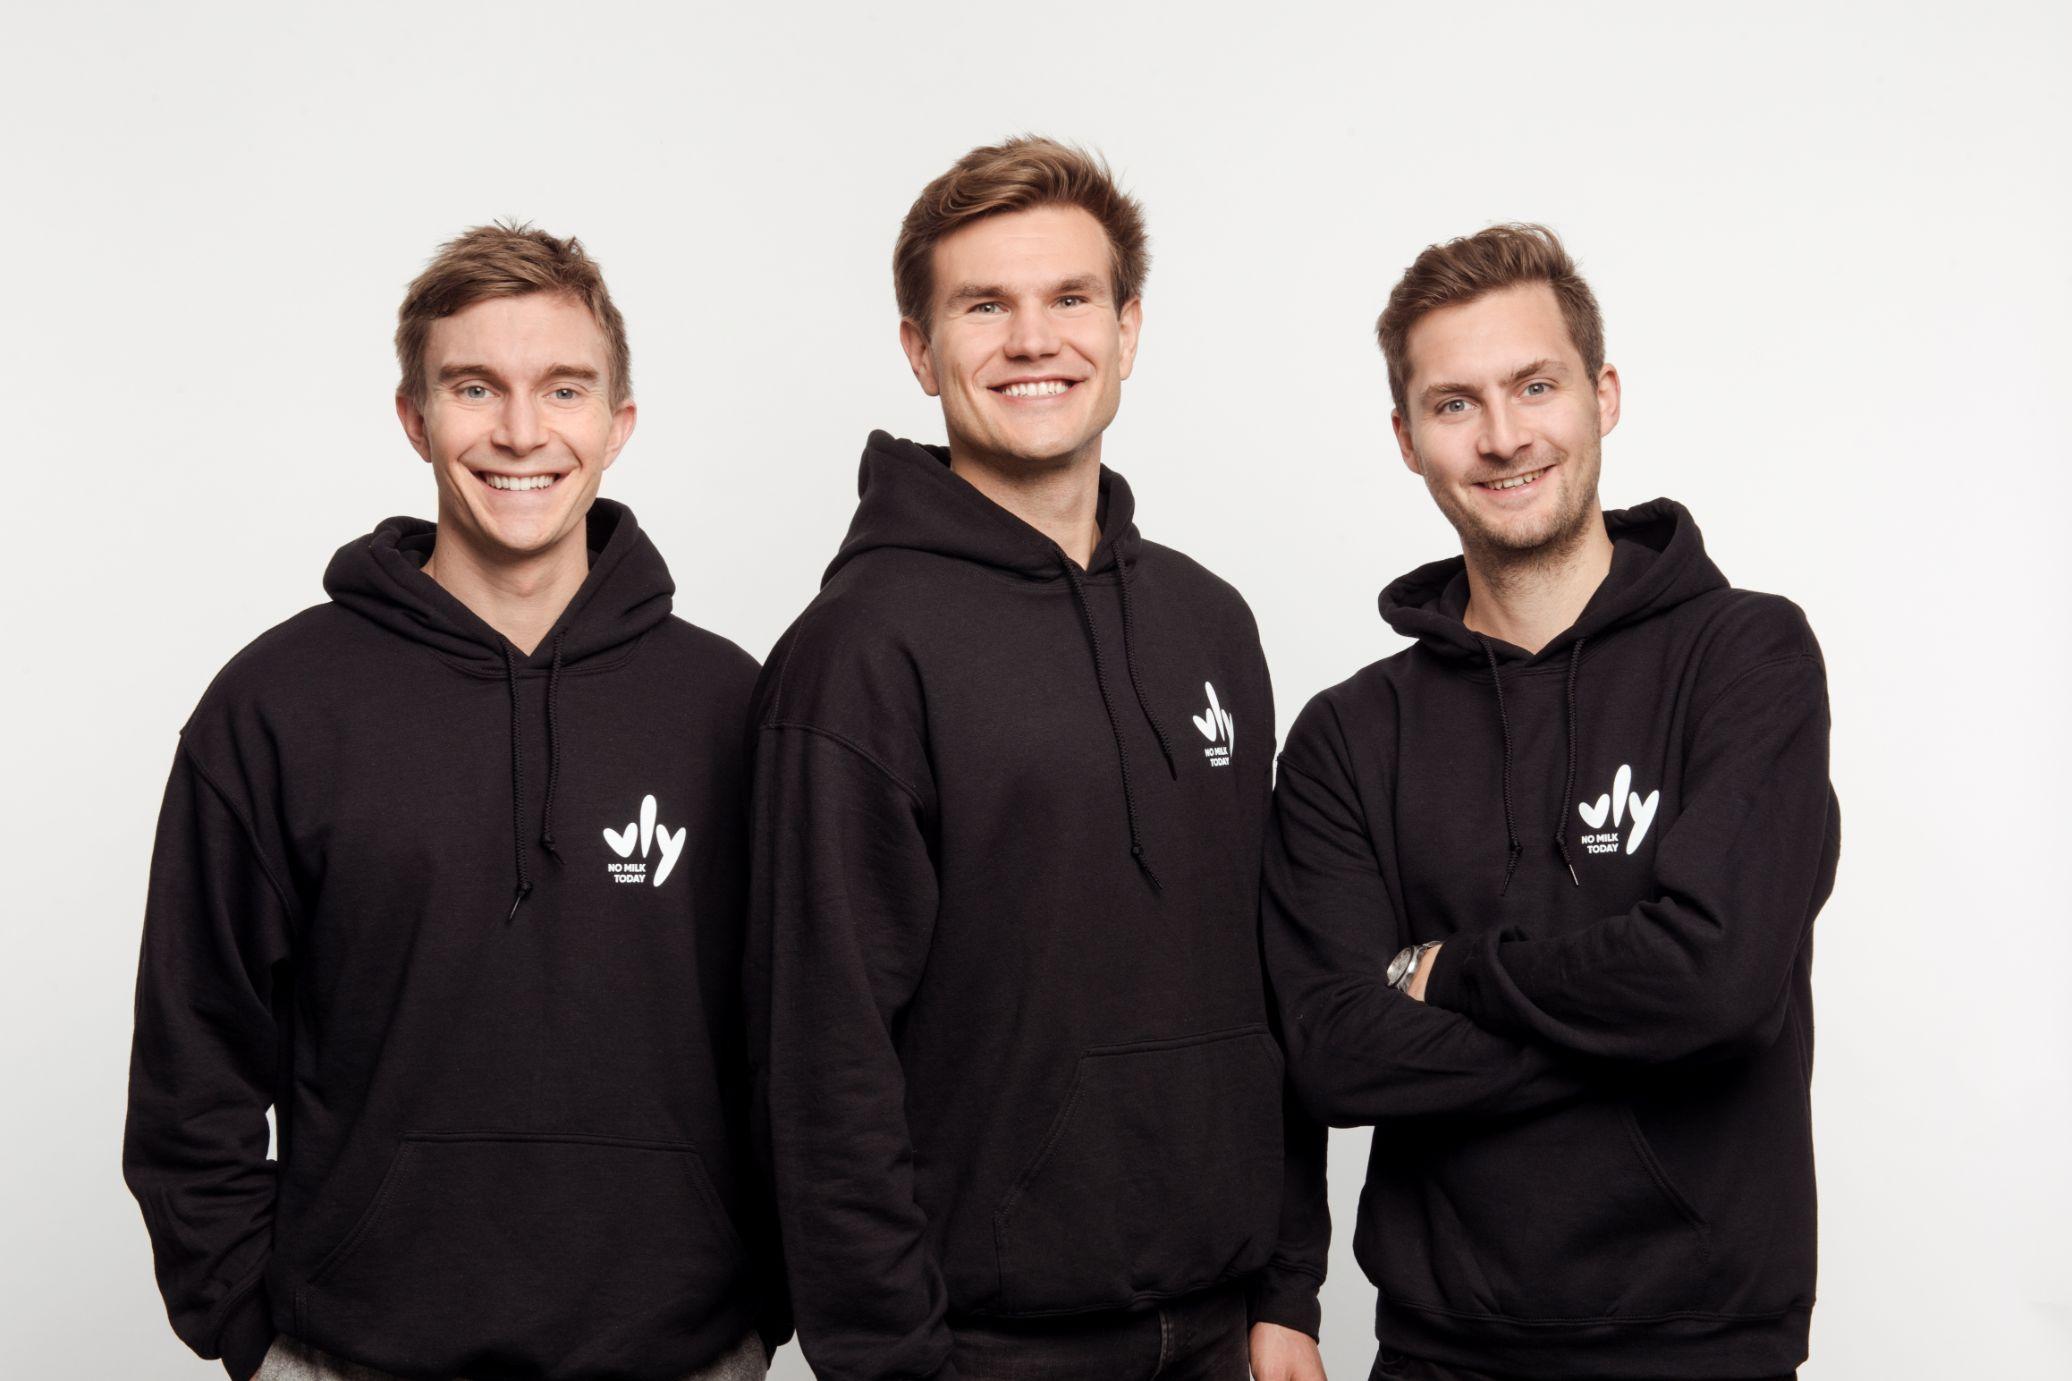 VlyFoods_Gründer_Start_Up